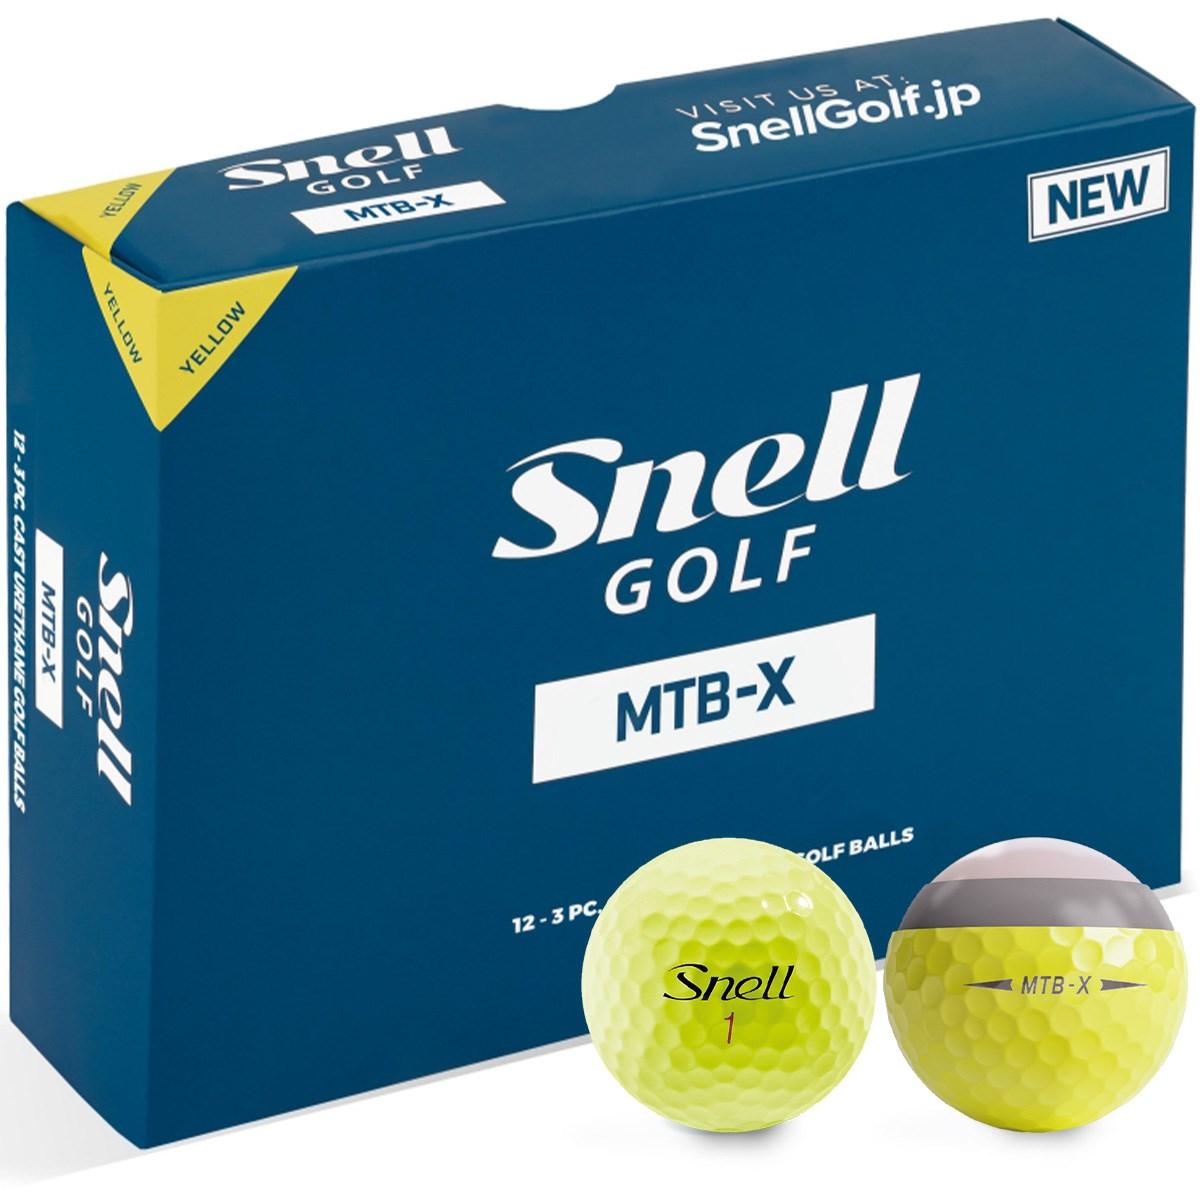 スネルゴルフ Snell GOLF MTB-X ボール 1ダース(12個入り) イエロー